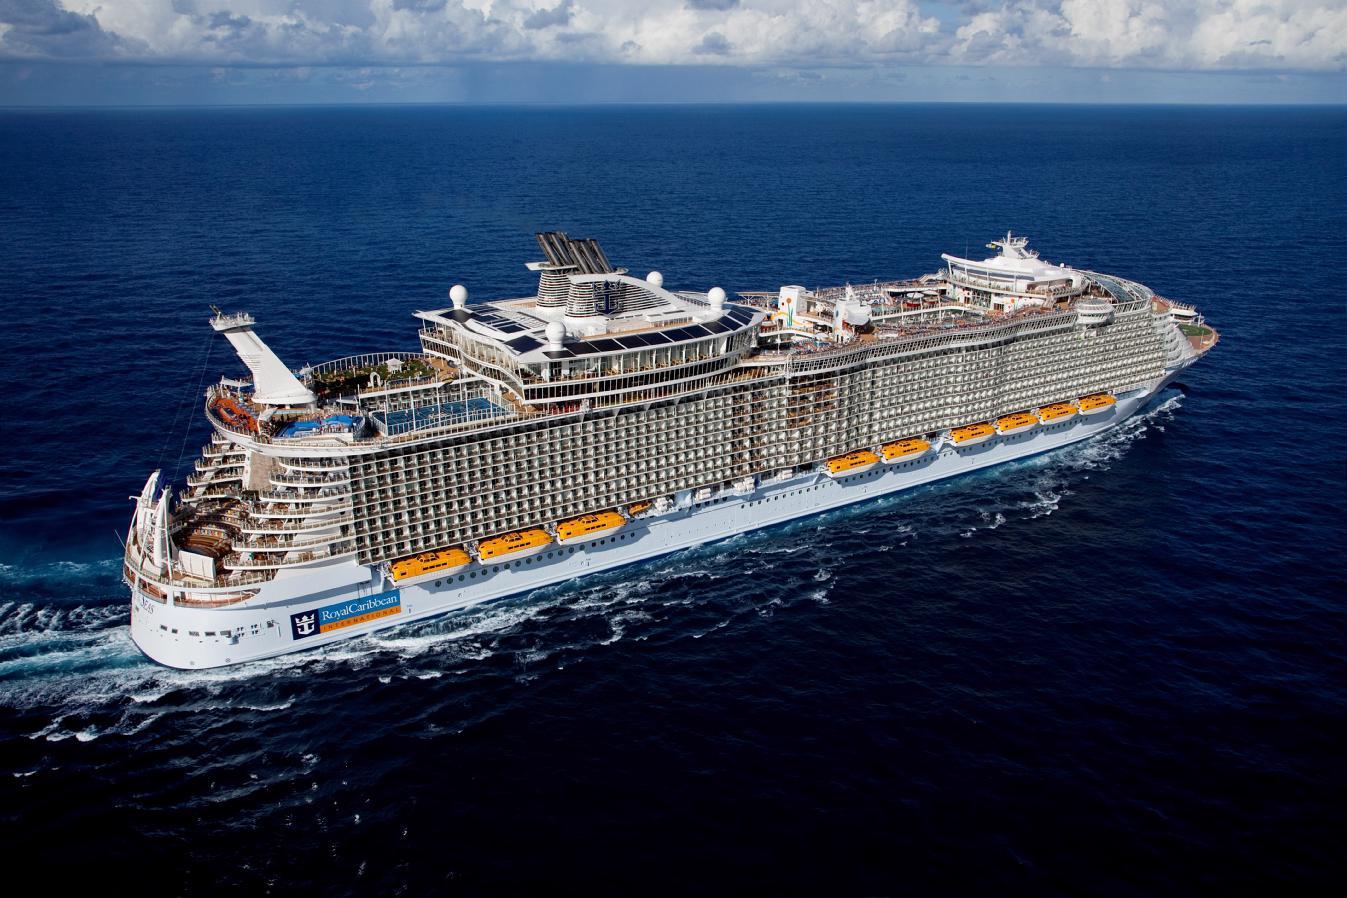 Größtes Schiff Der Welt Und Neue Rekorde